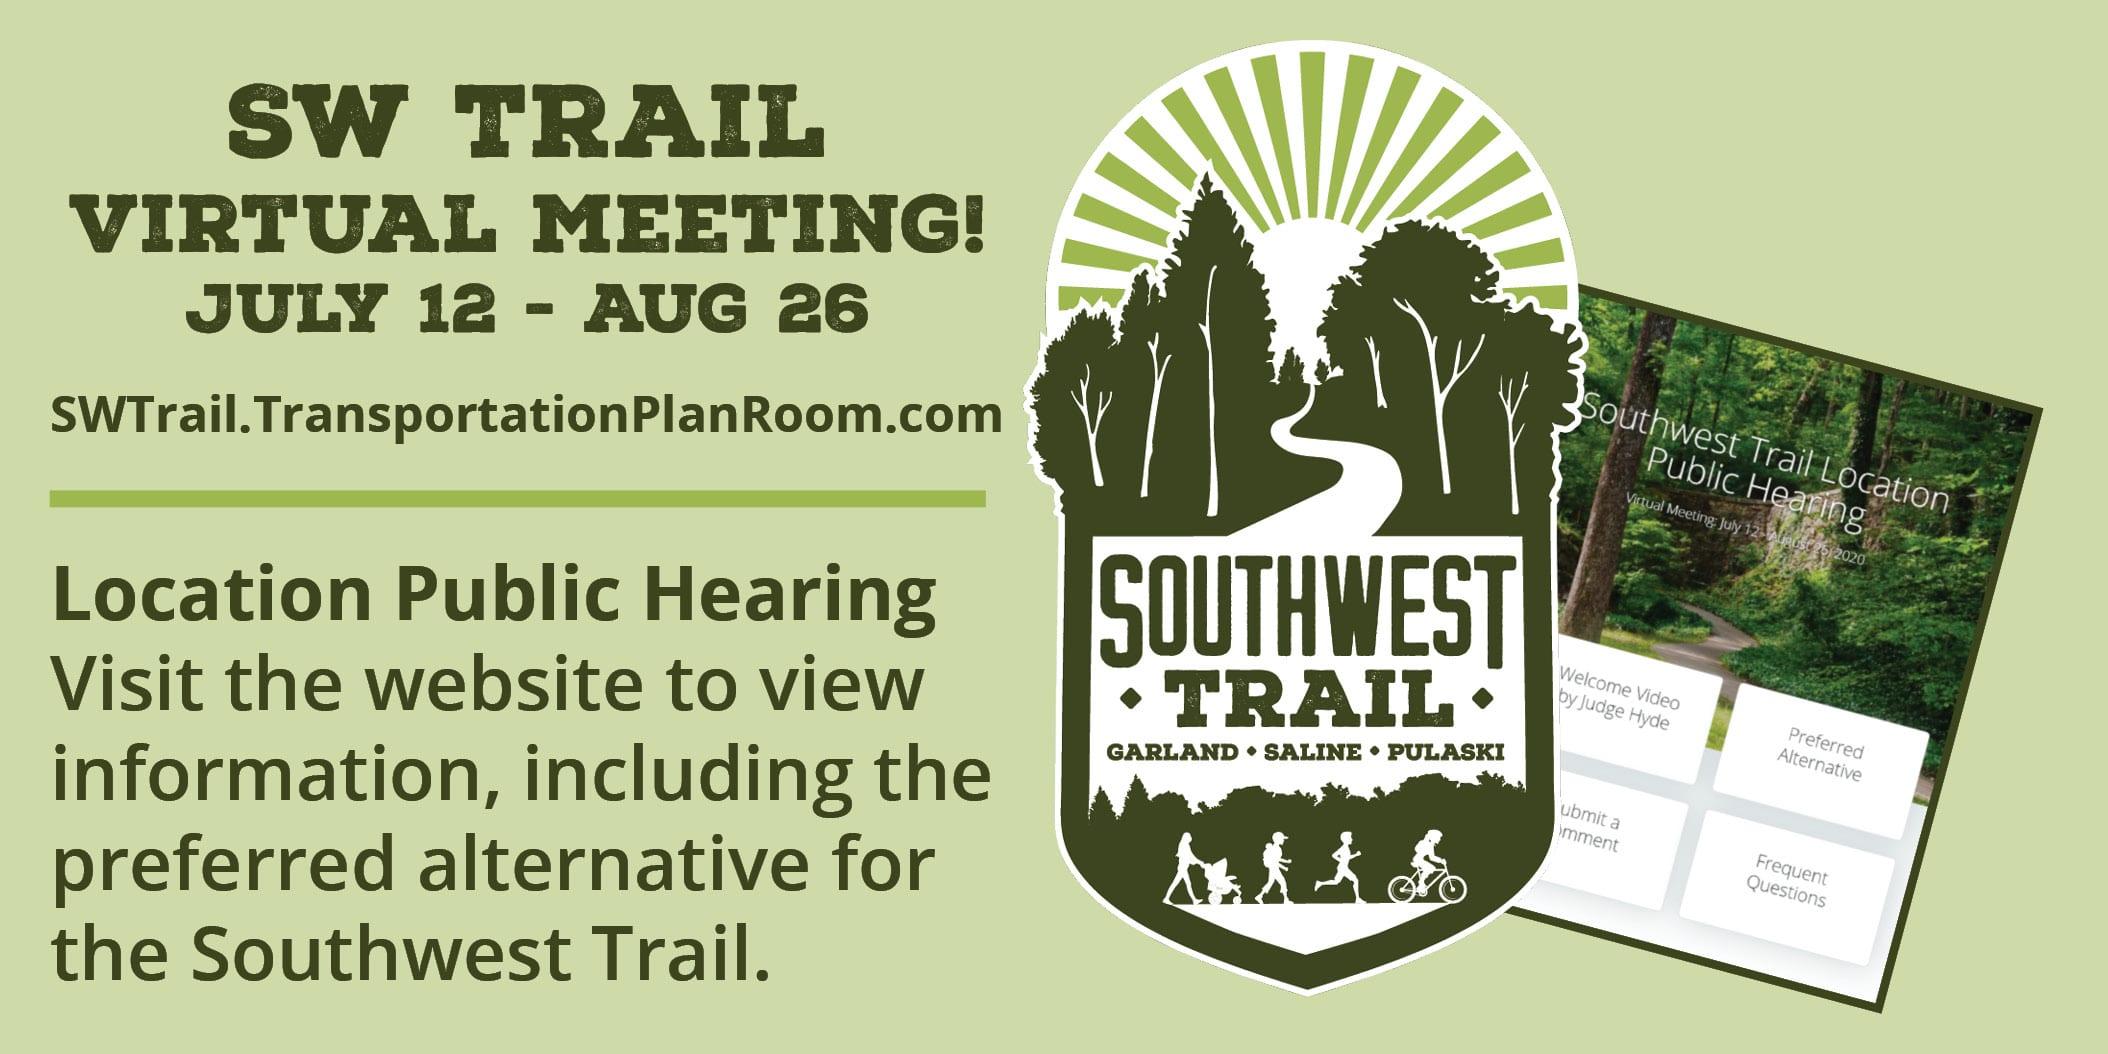 Southwest Trail Public Meeting